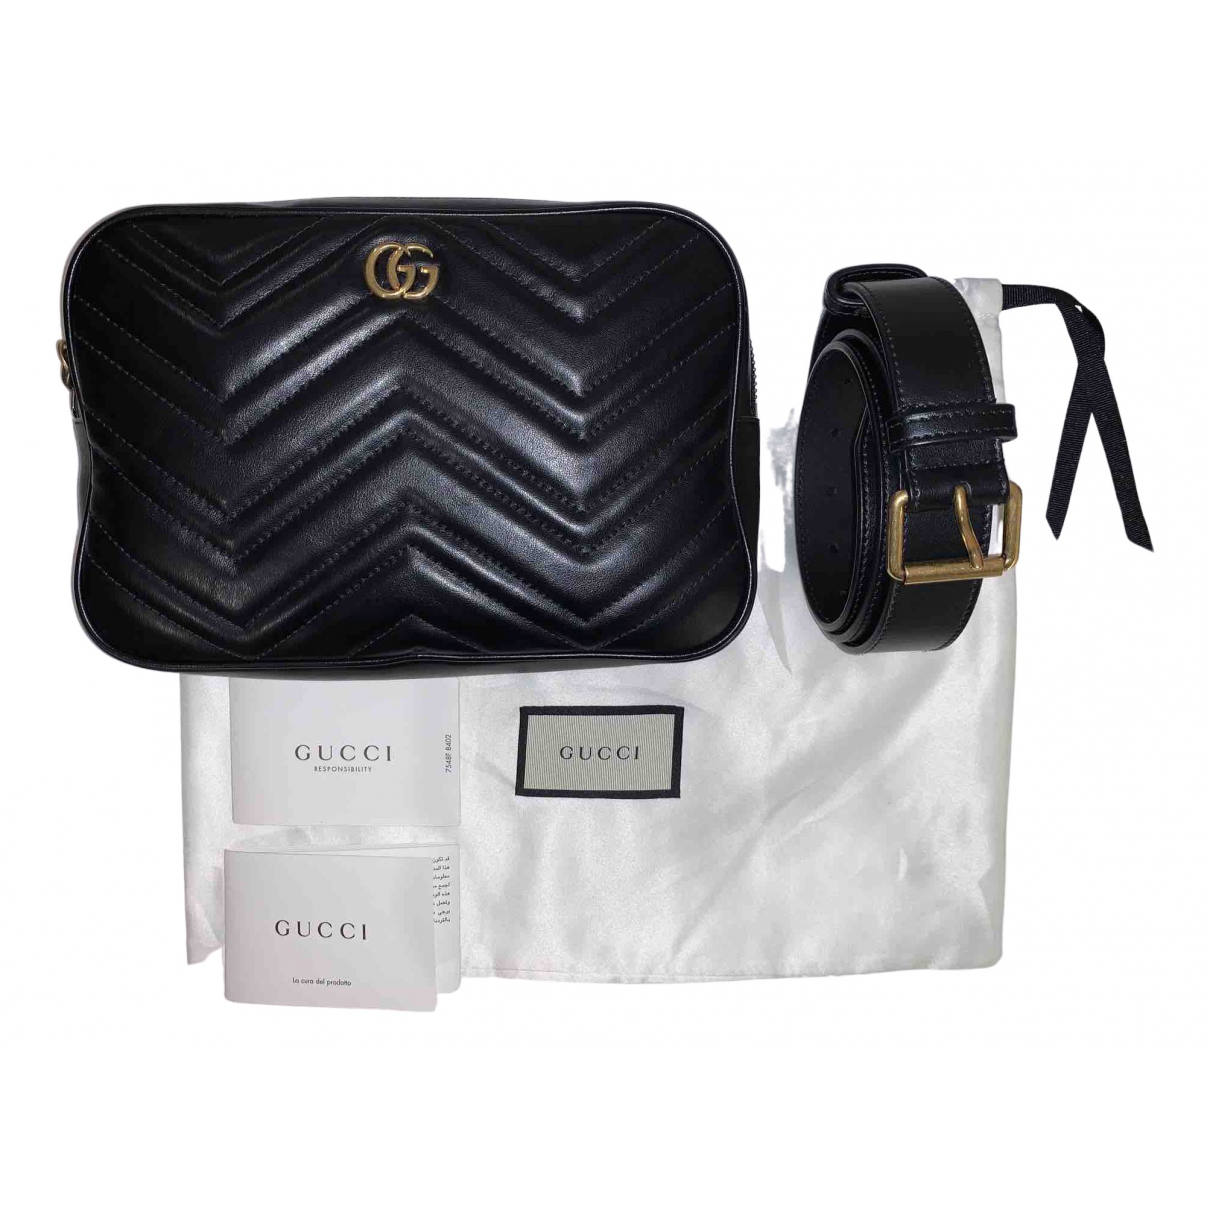 Gucci - Sac a dos Marmont pour femme en cuir - noir